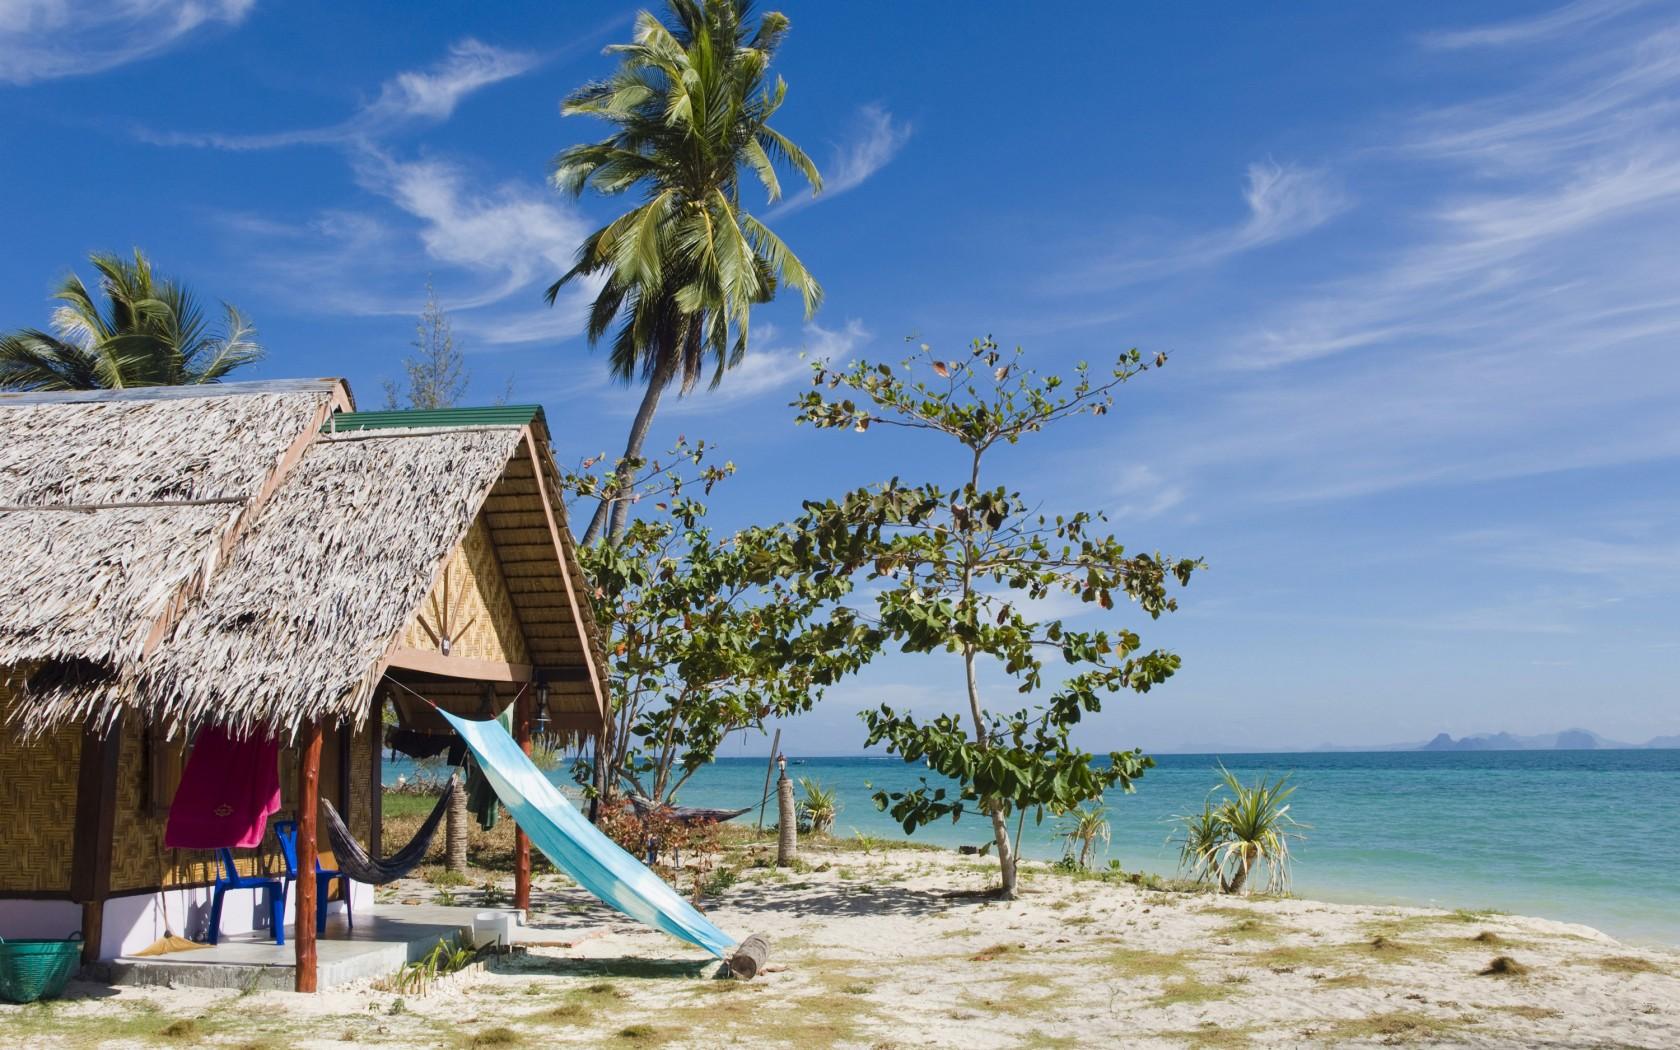 Việt Nam lọt top 20 điểm du lịch rẻ và hấp dẫn nhất thế giới